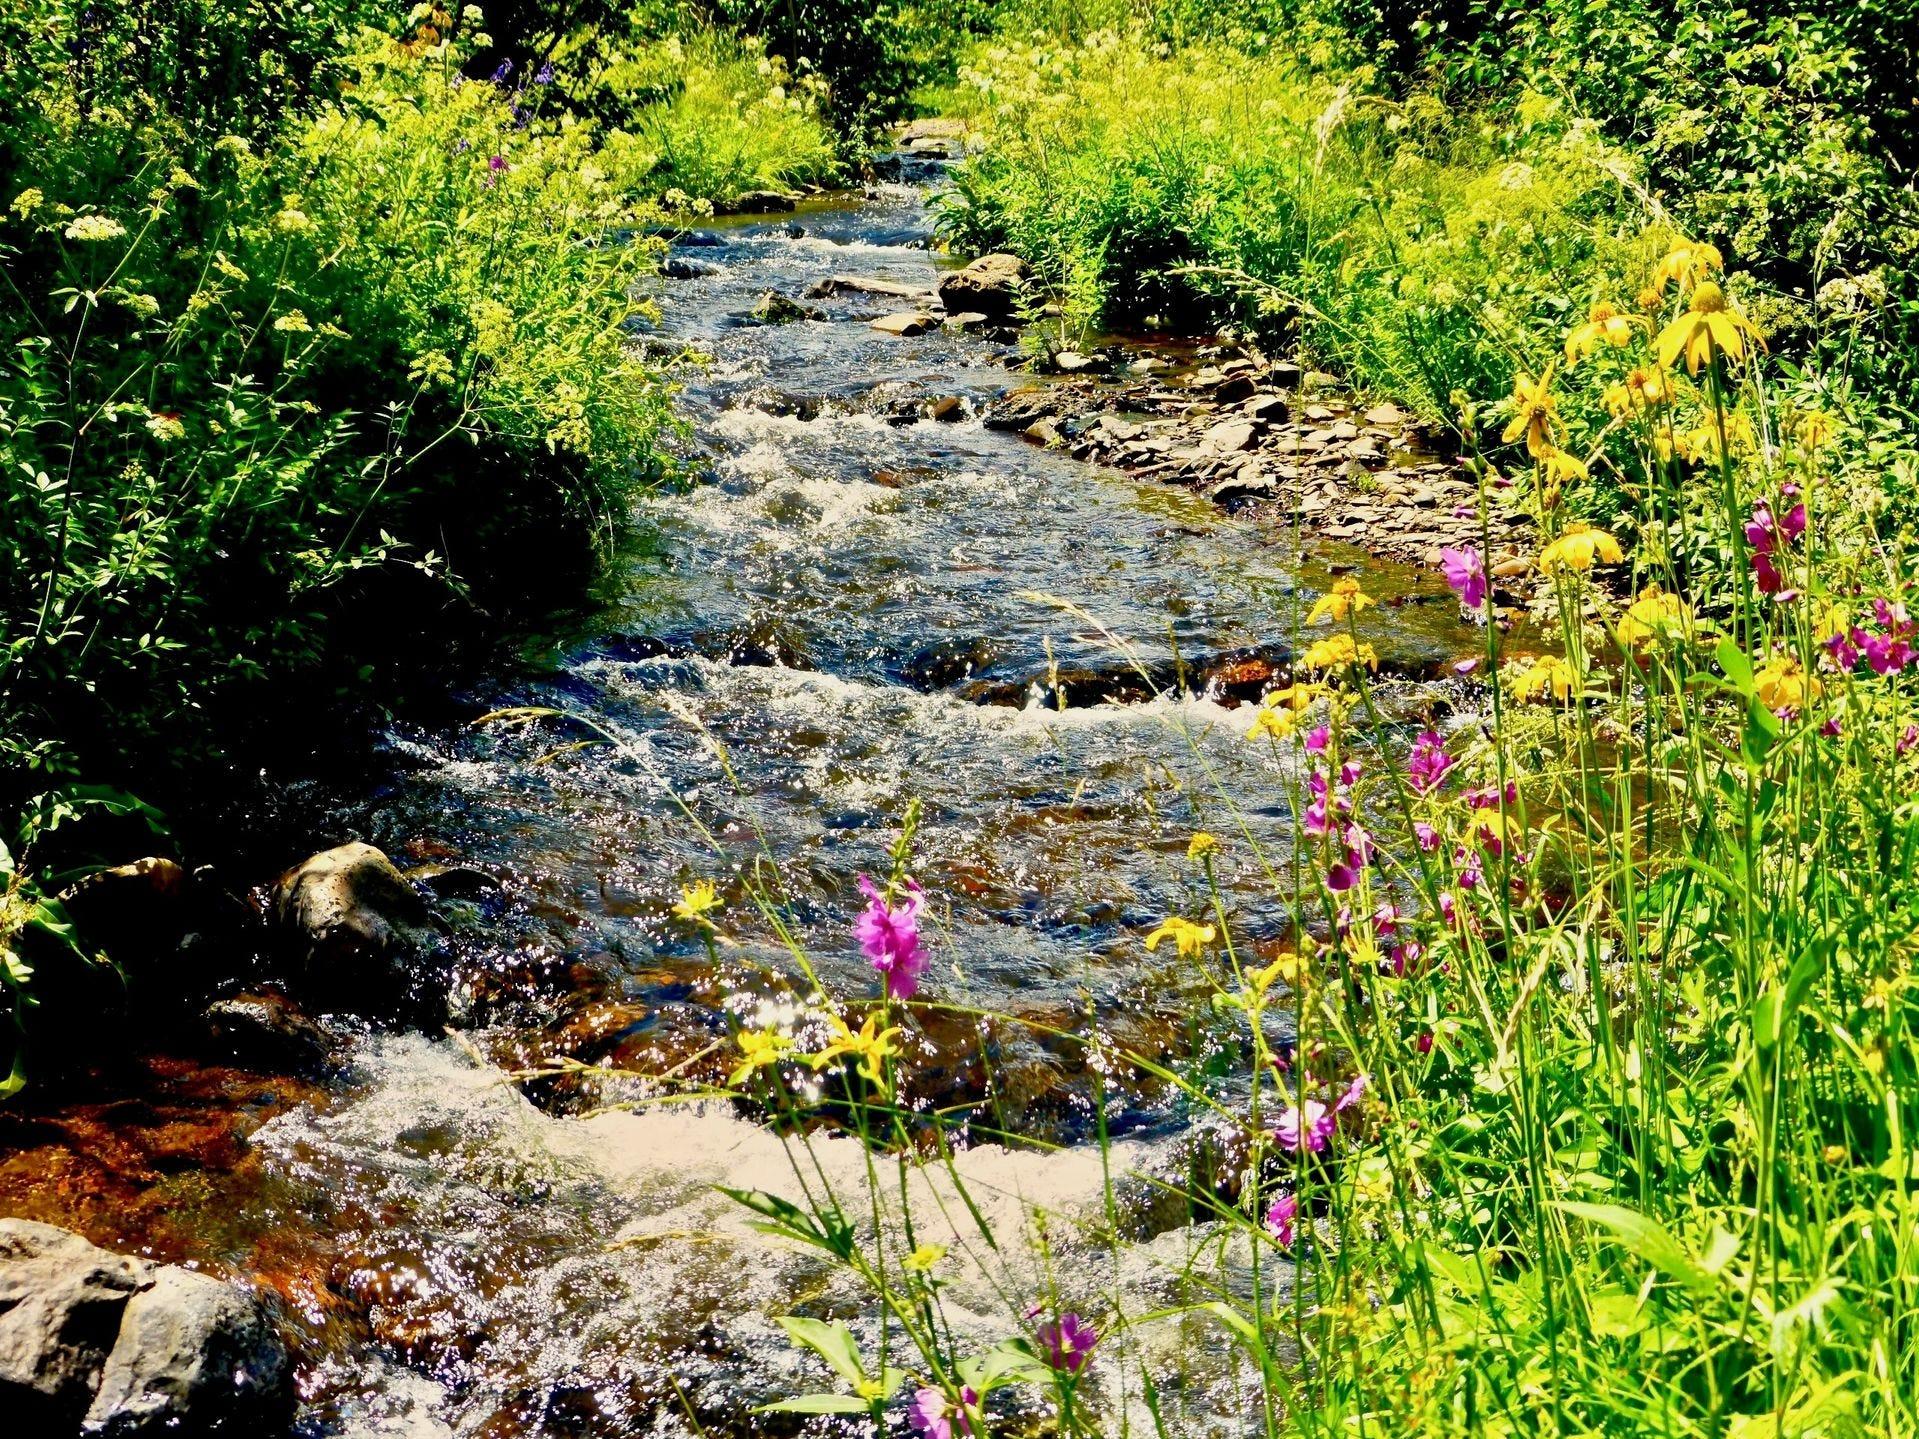 El río Little Colorado es un lugar popular para la pesca, ya que fluye a través del corazón de Greer.